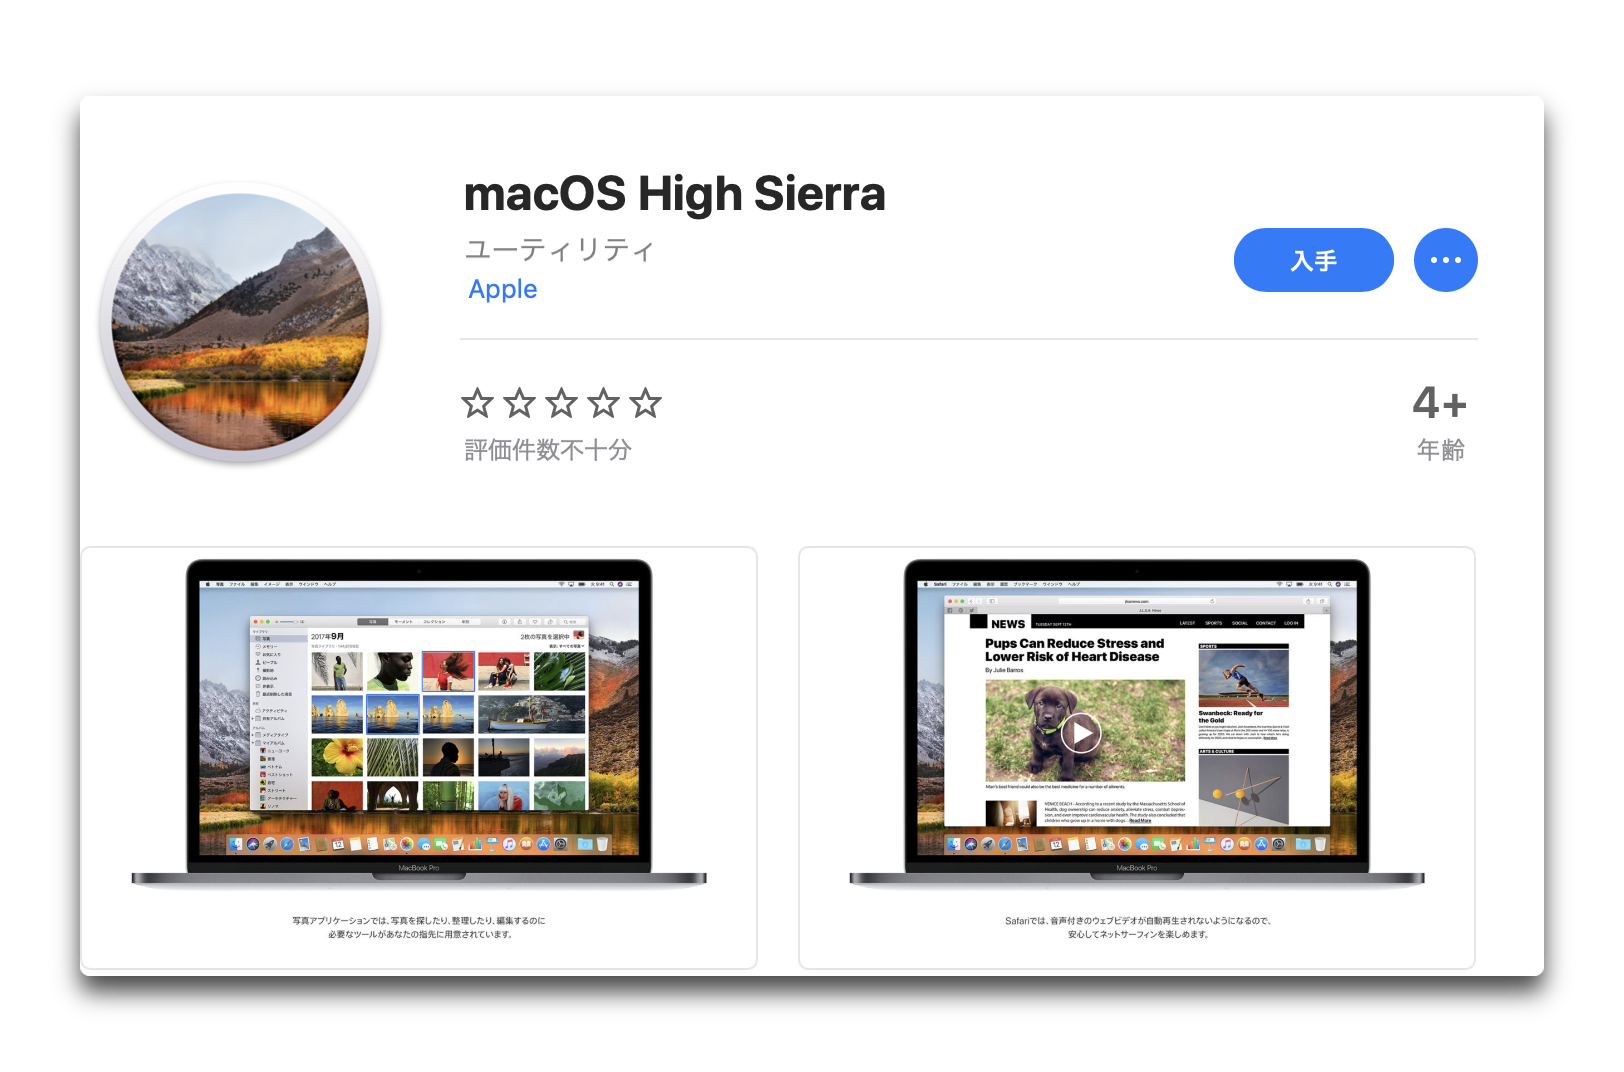 macOS Mojaveからでも、macOS High Sierraをダウンロードできる